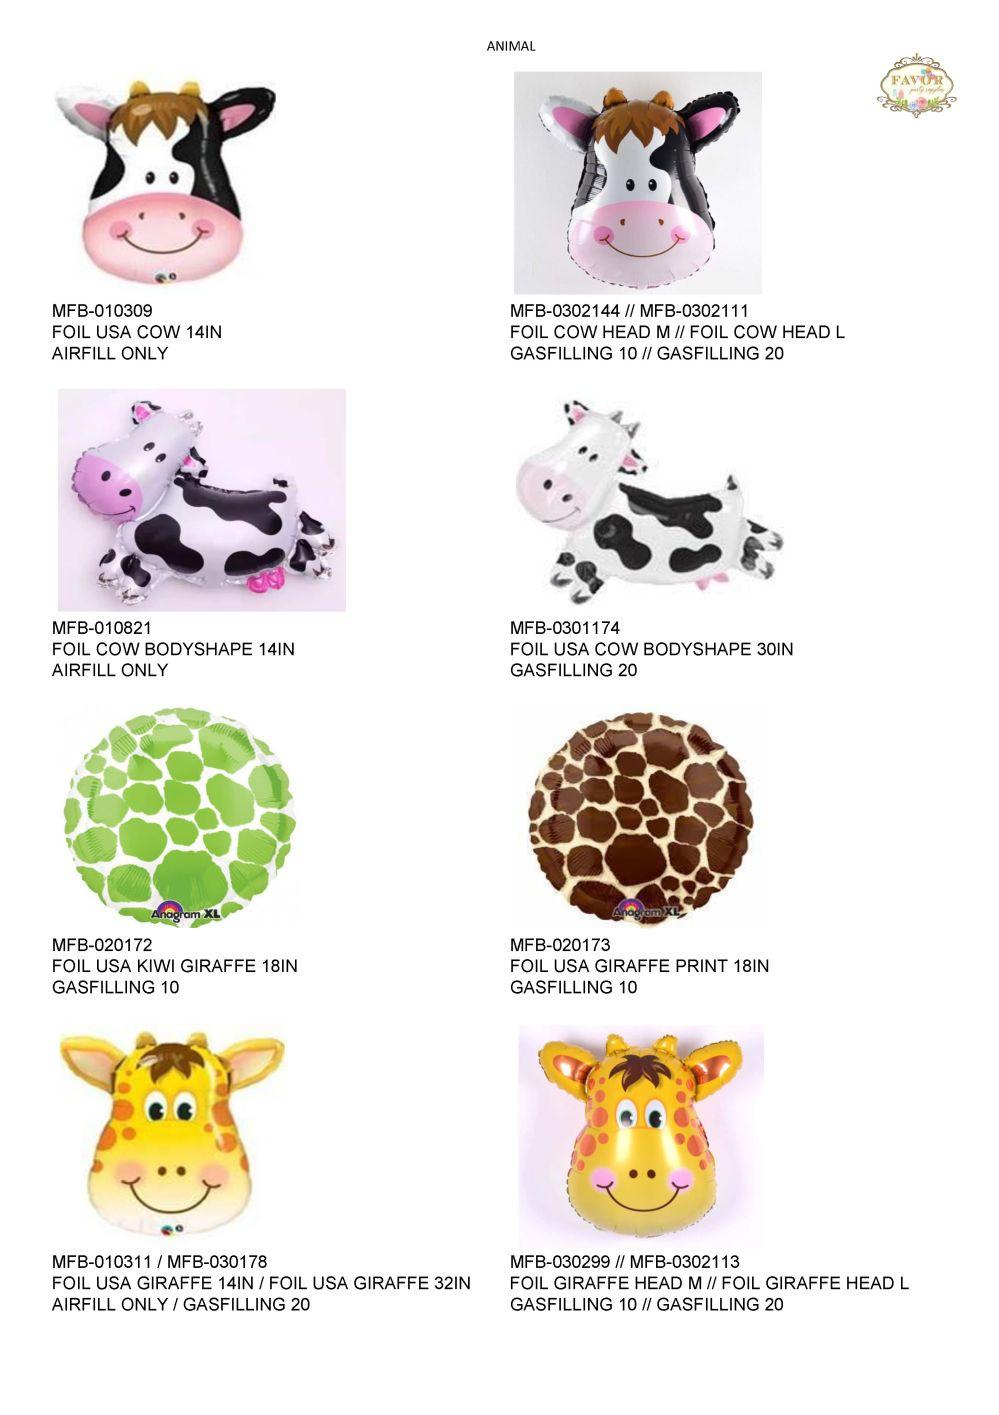 katalog-animal-and-hbd_06